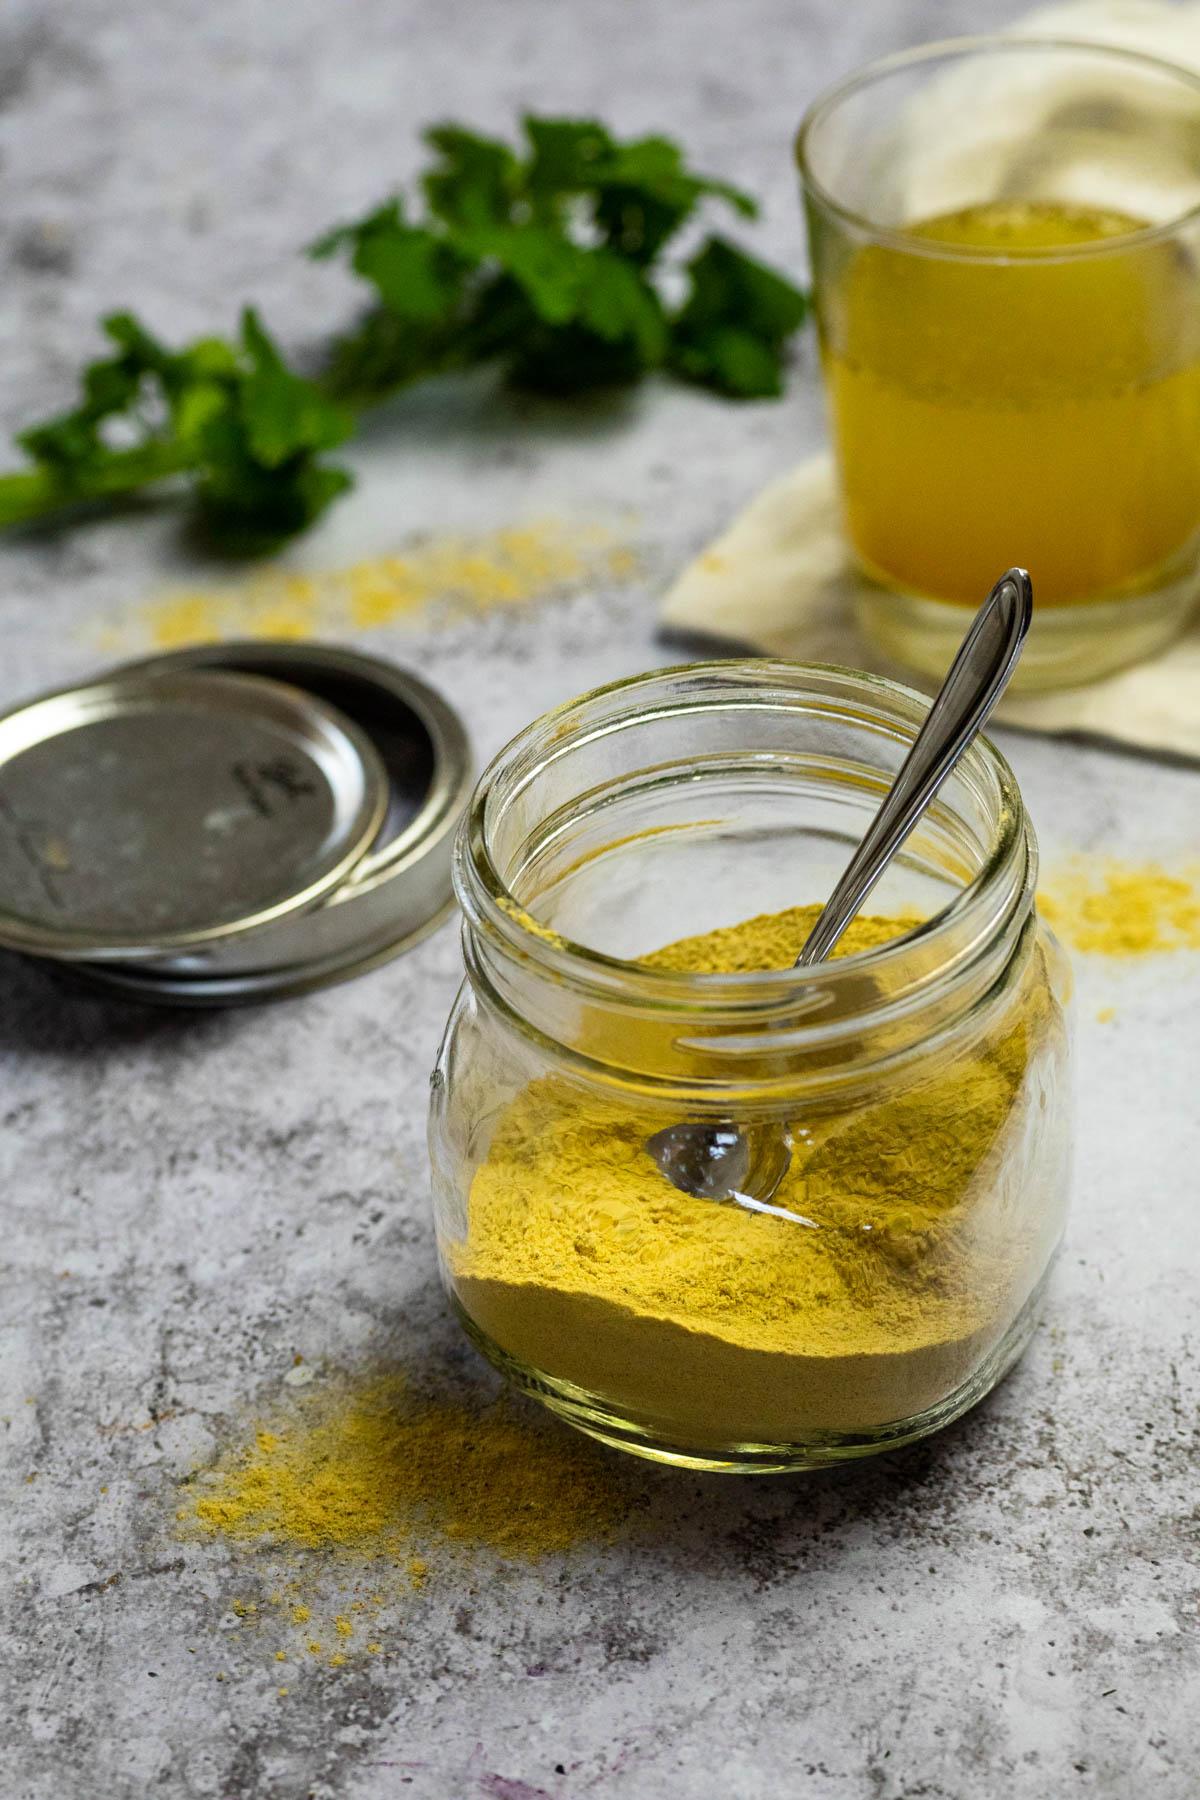 Veganes Hühnchen-Bouillion-Pulver im Glas